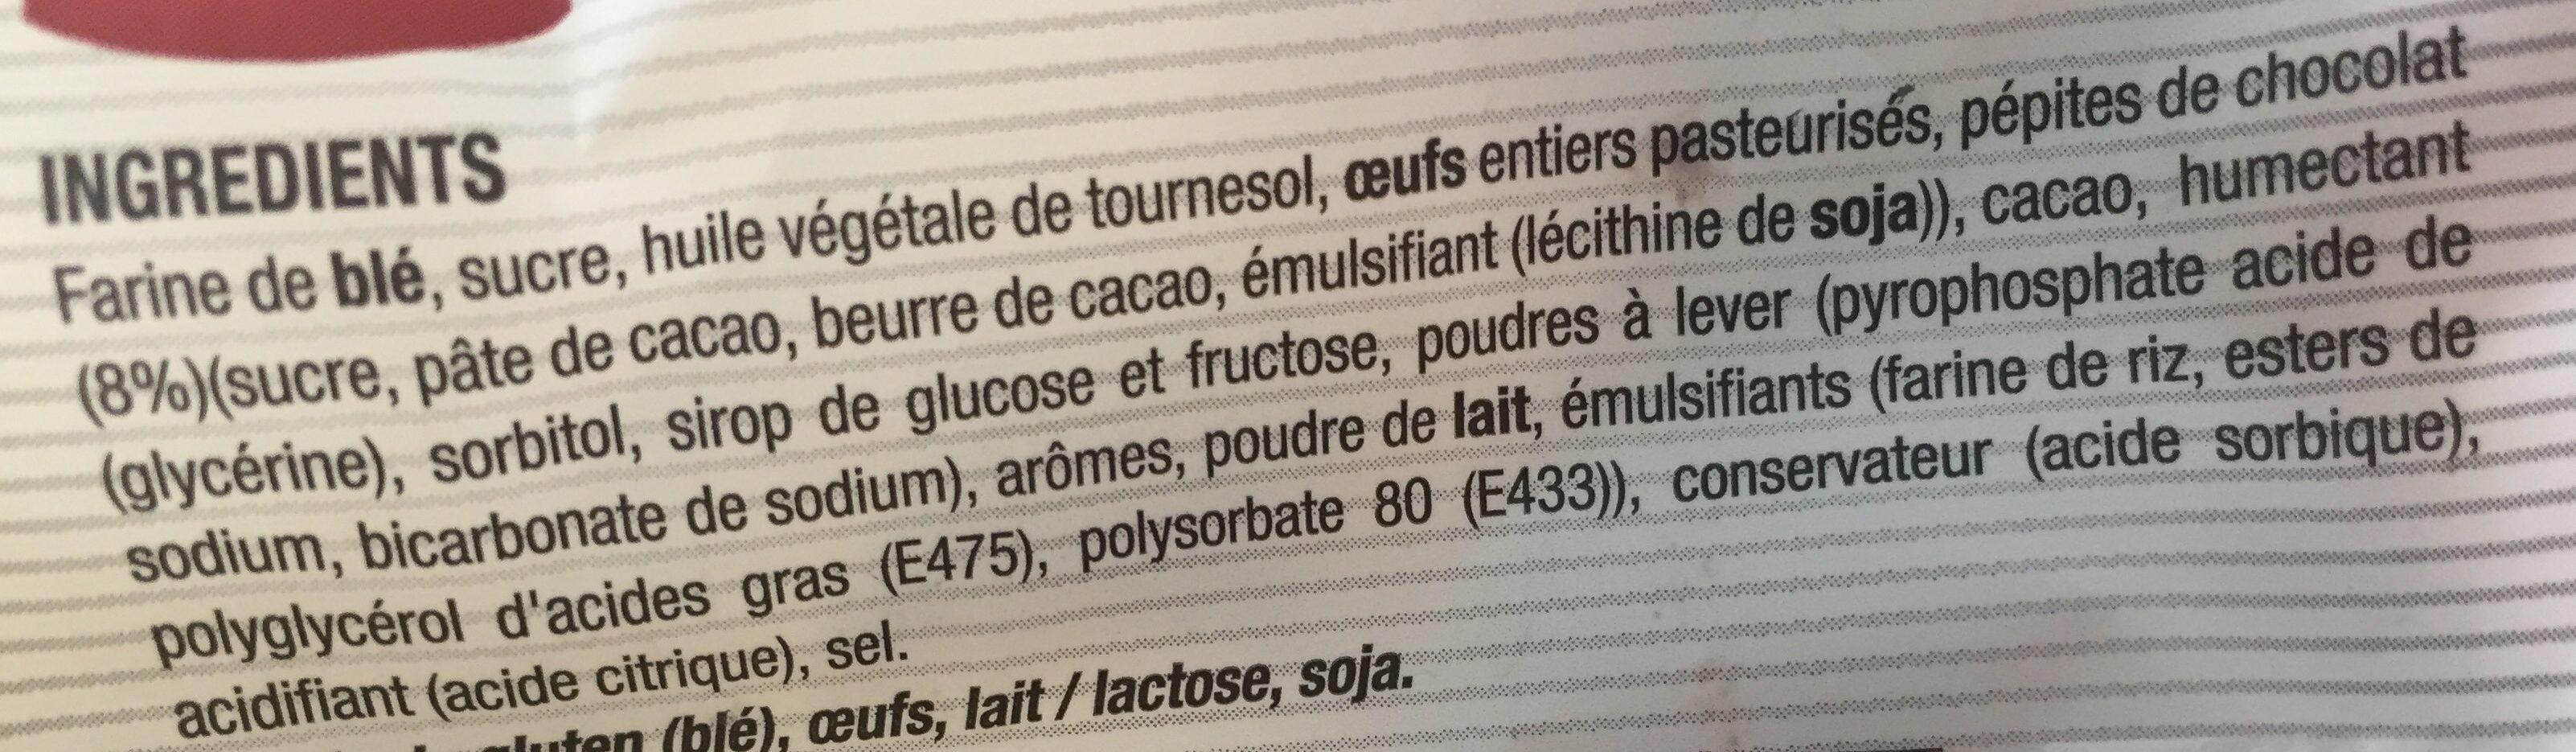 Muffin - Ingredients - fr